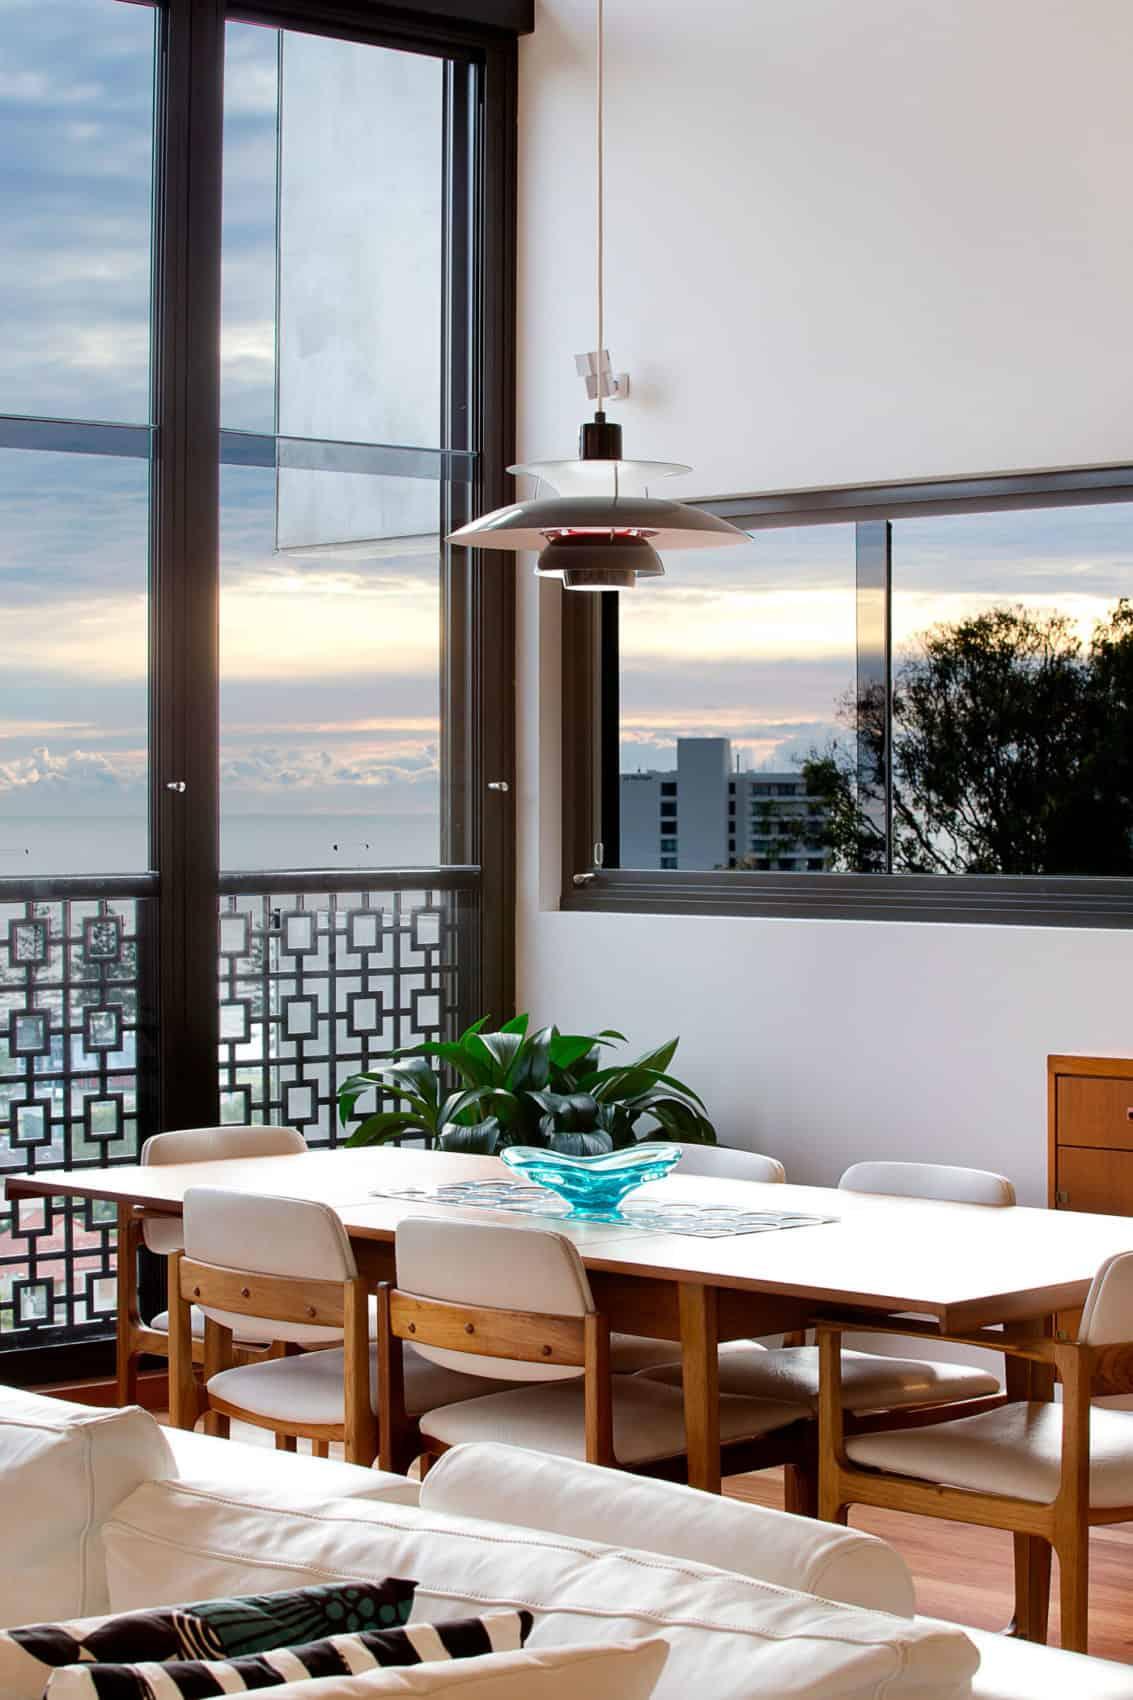 60s Modern Renovation by Jamison Architects (5)